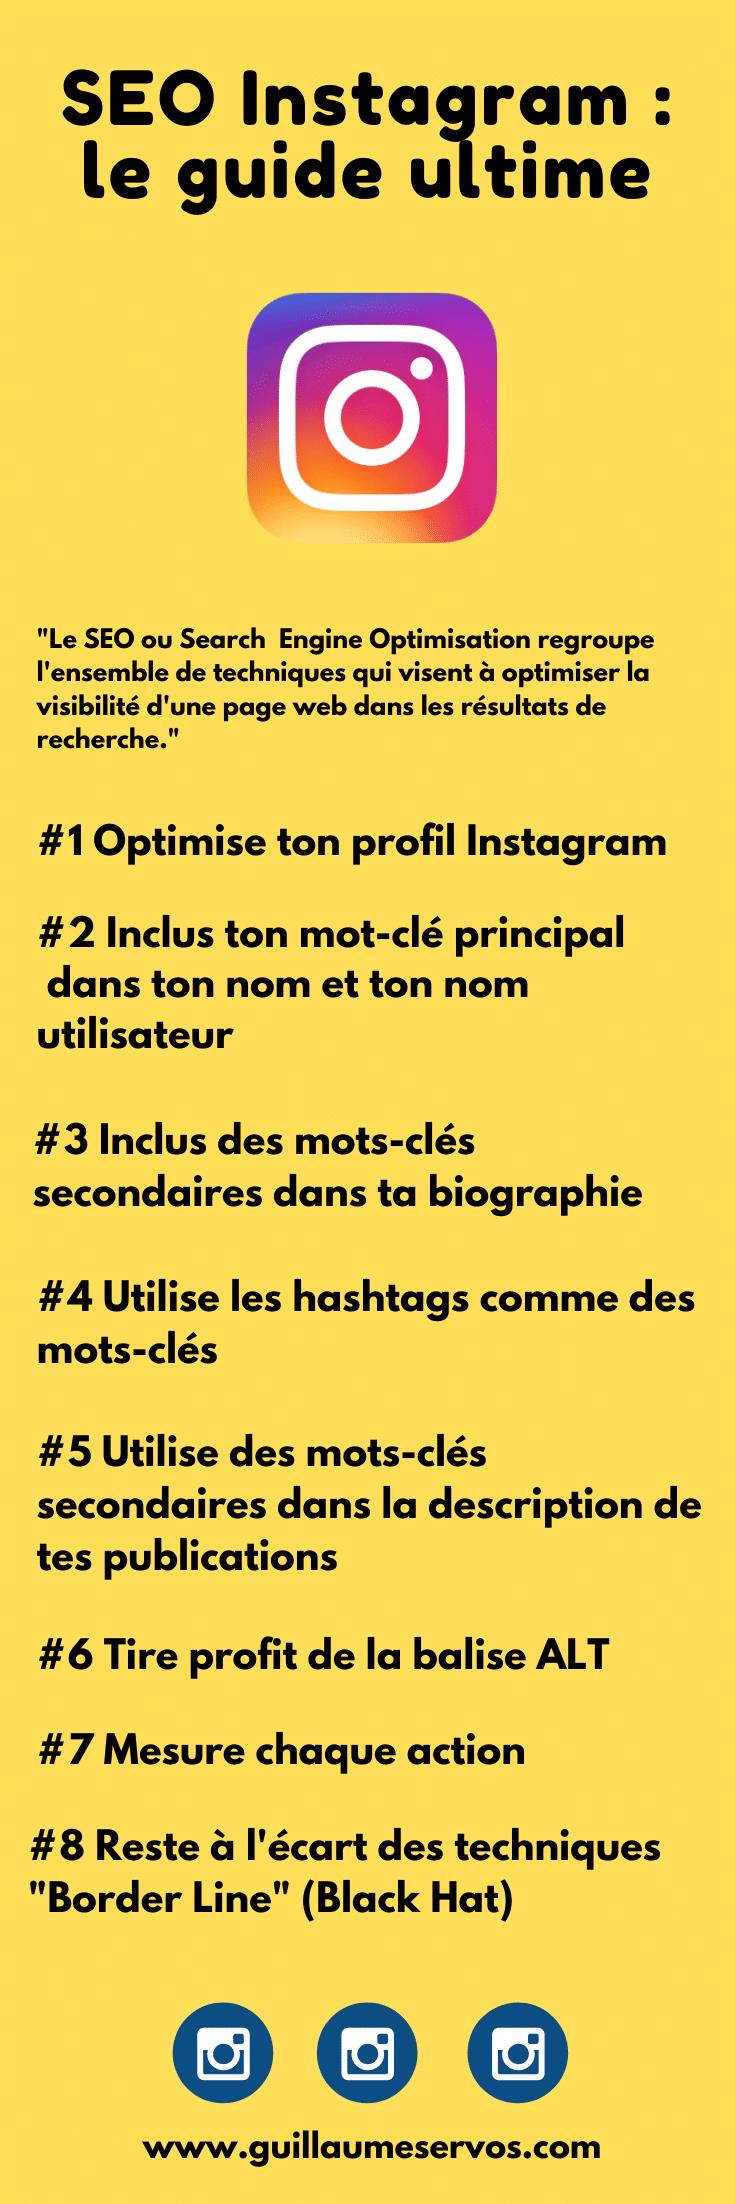 Comment augmenter la visibilité de ton profil et le trafic vers ton site internet en soignant ton SEO Instagram ? Au menu : bio, nom utilisateur, hashtag, analytics...